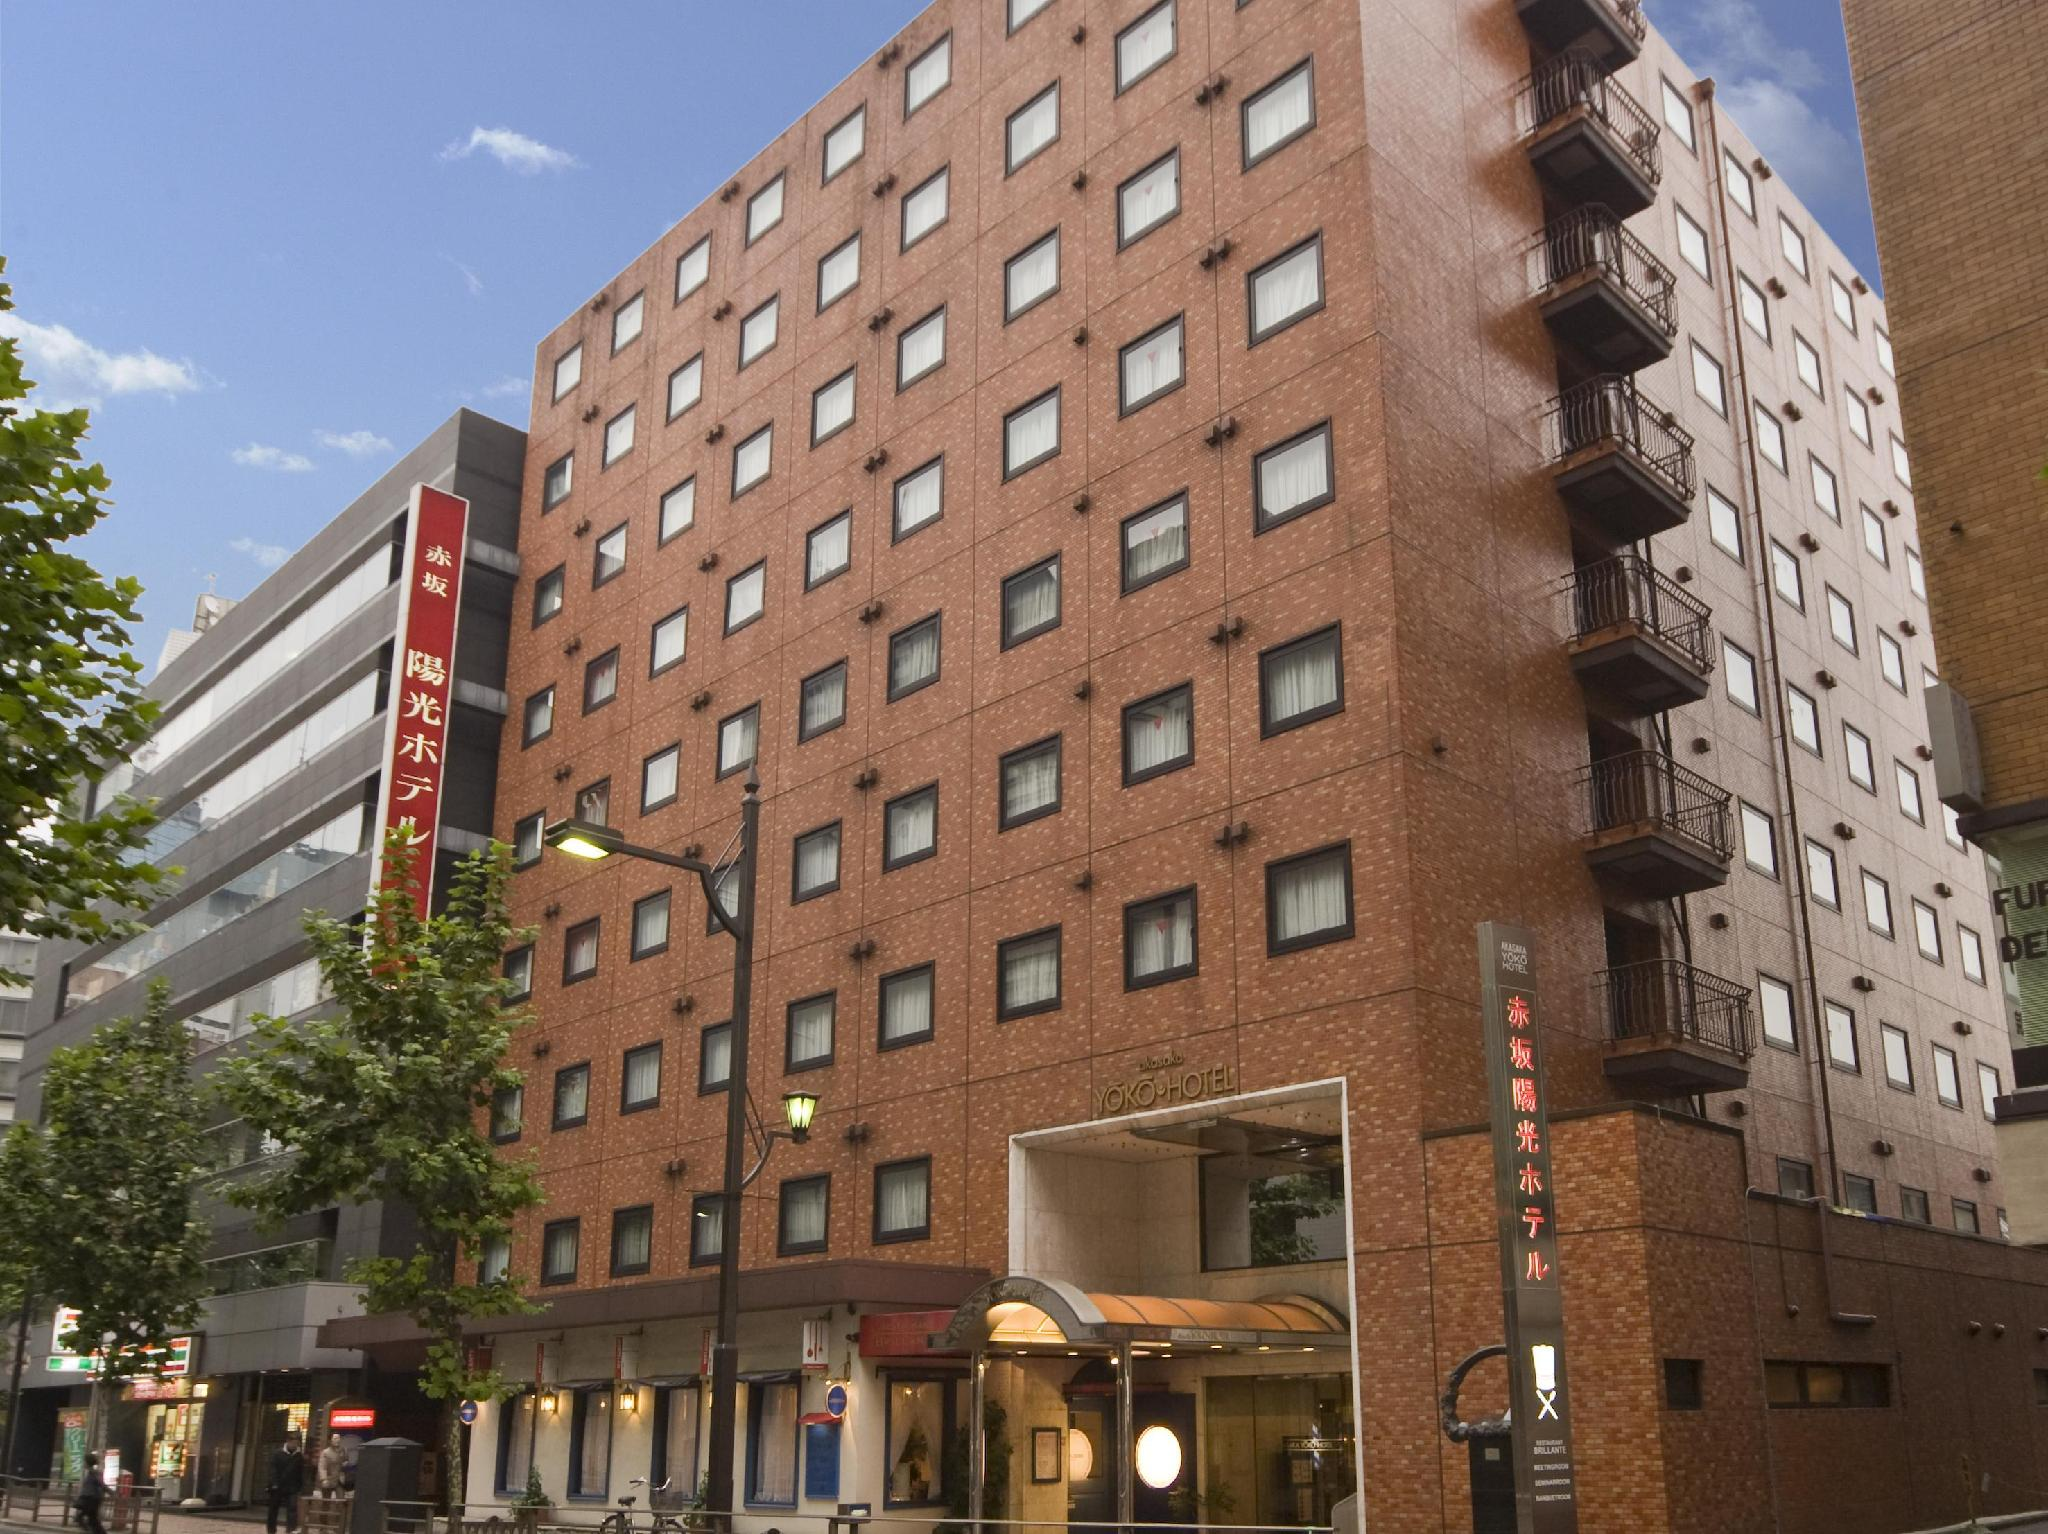 赤阪陽光酒店 Akasaka Yoko Hotel